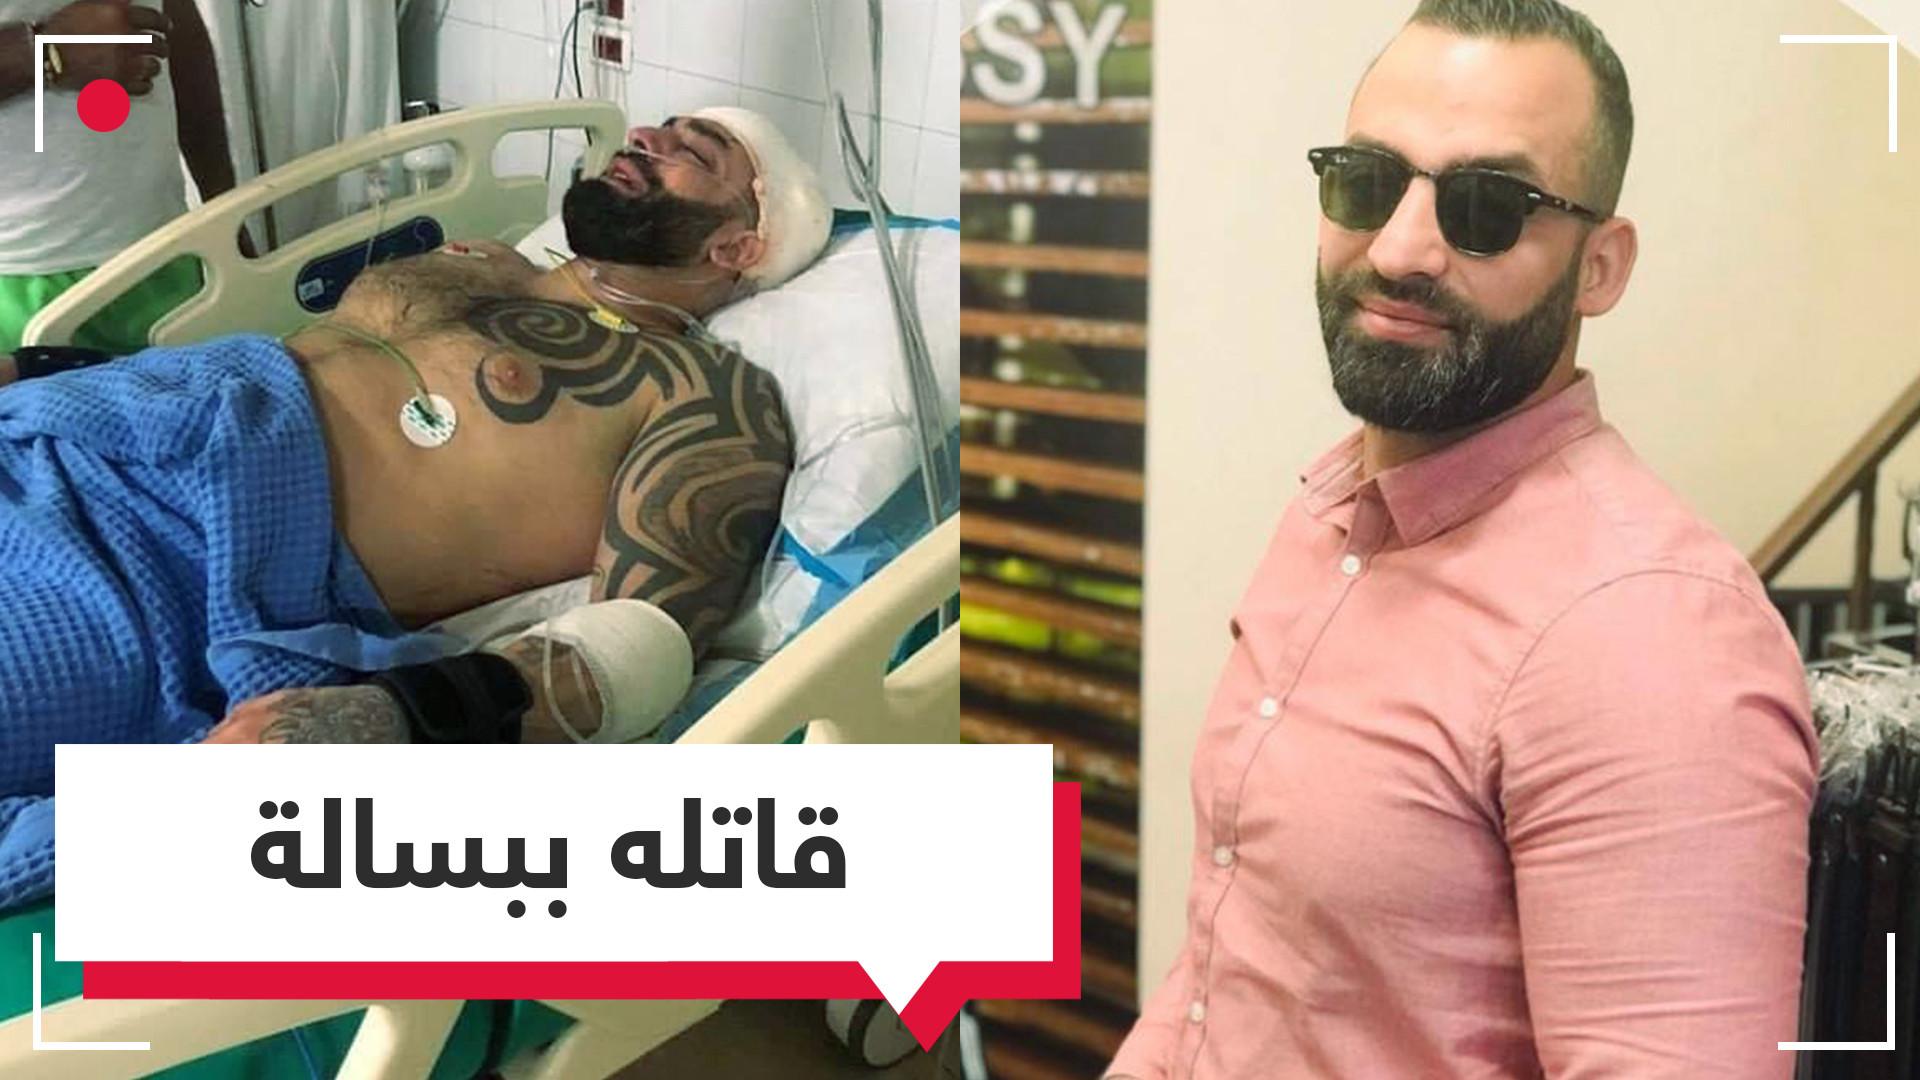 تلقى 3 رصاصات.. هل سيمنح لبنان جنسيته لفلسطيني منع داعشيا من إزهاق مزيد من الأرواح؟